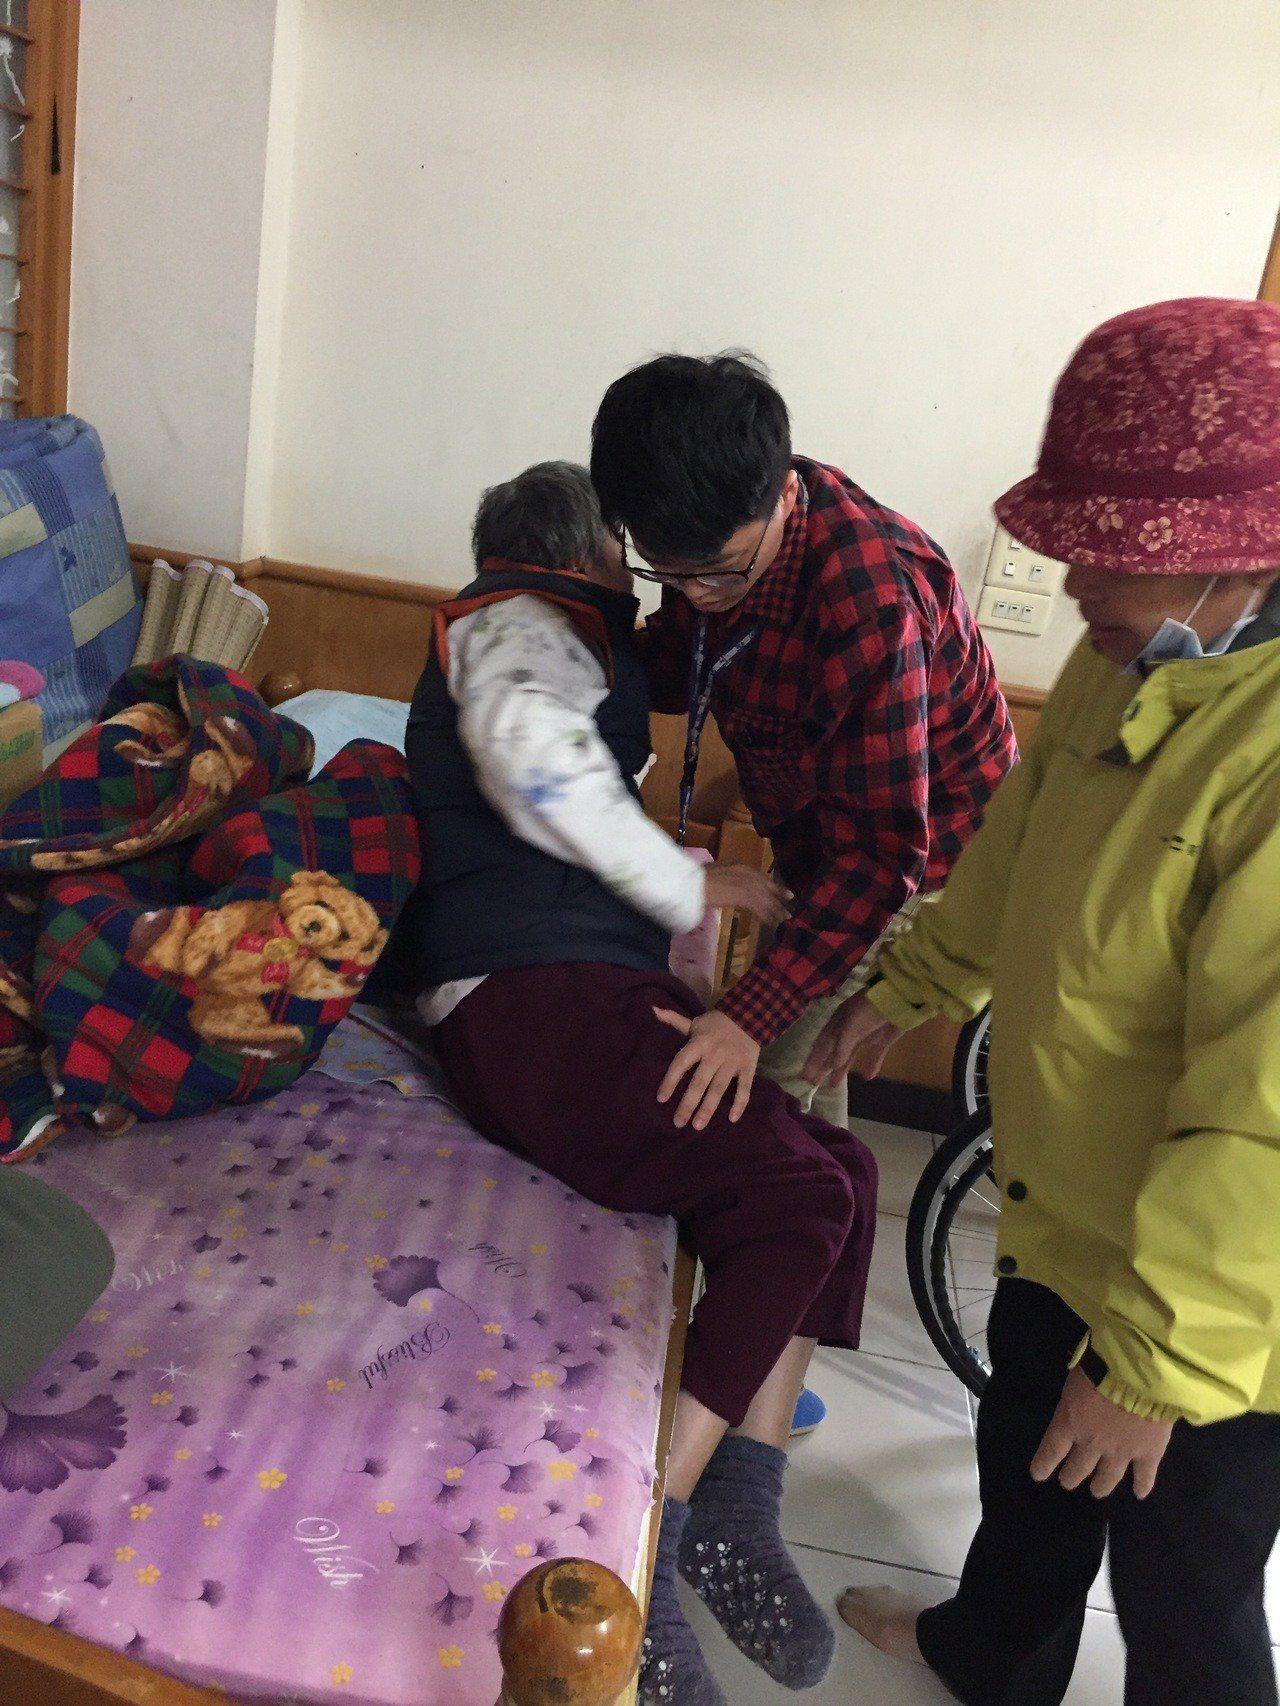 若家中有需要照顧者,只要符合規定就可申請長照服務。圖/花蓮縣衛生局提供